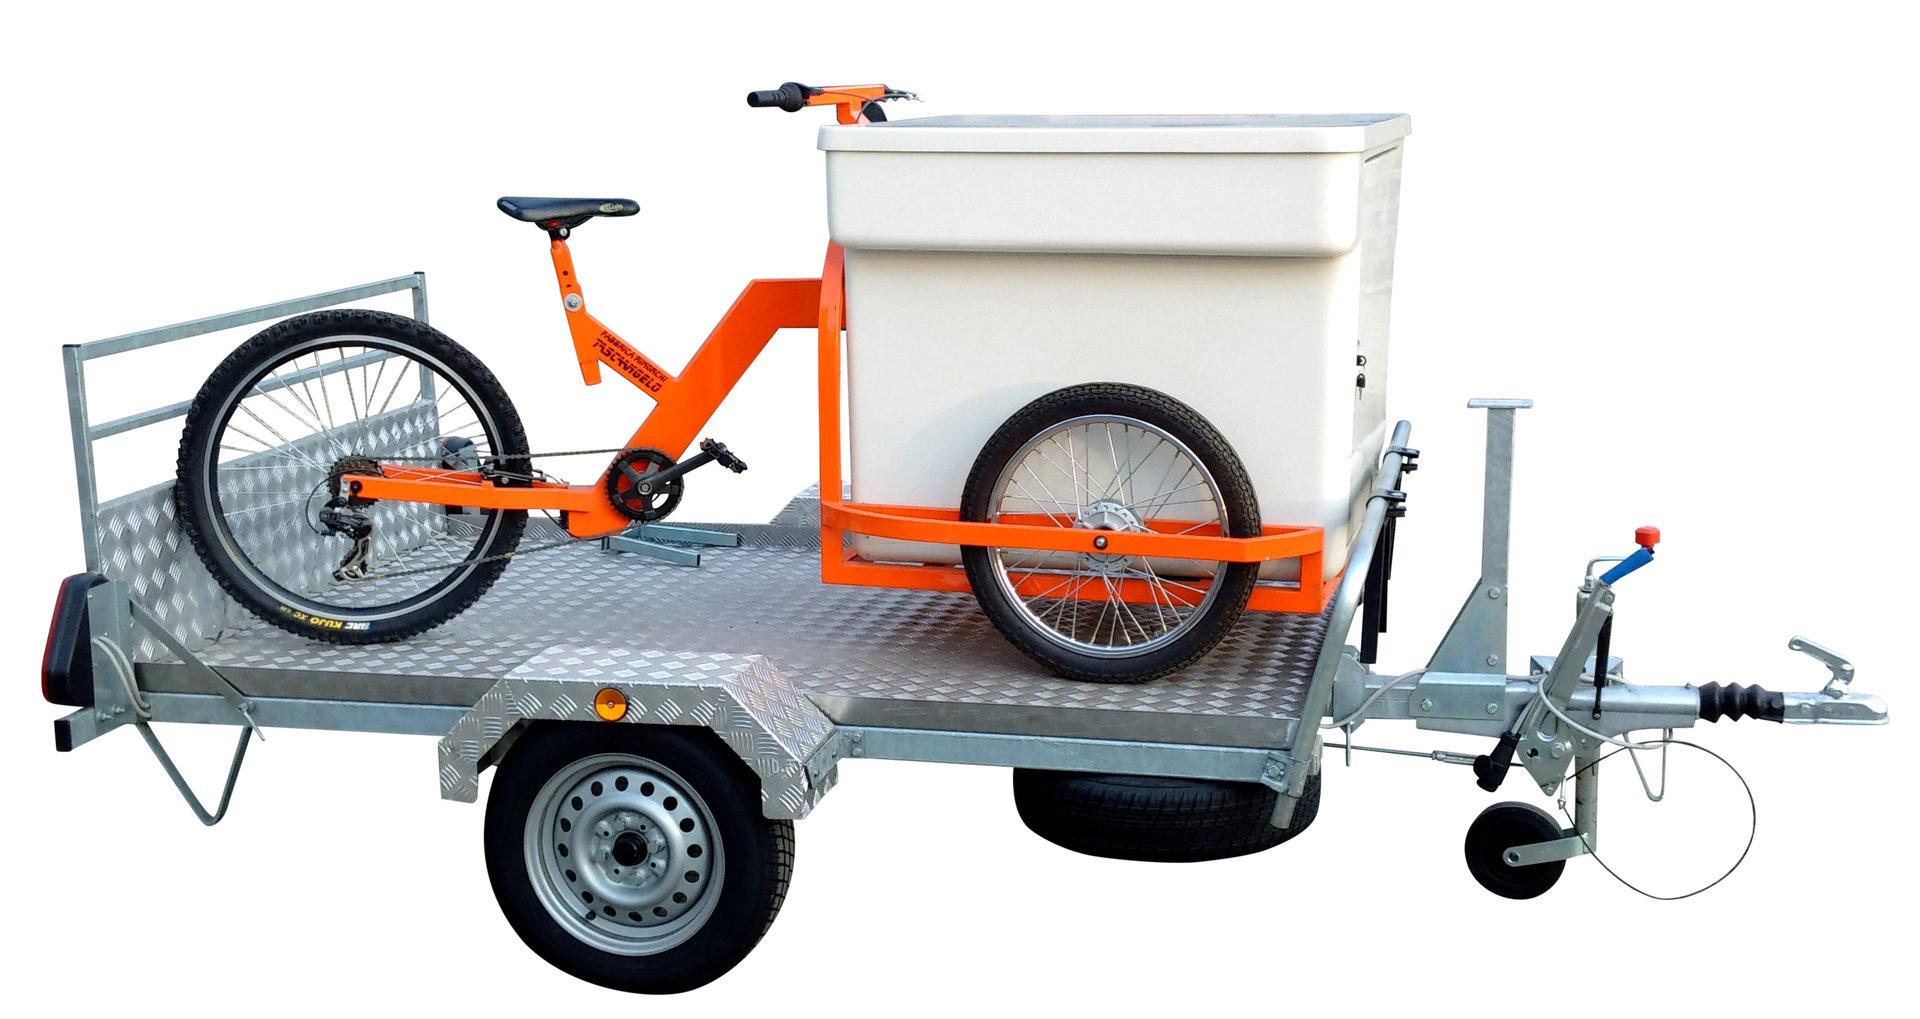 RIMORCHIO PORTA TRICICLO per Auto per Spostare i Tricicli b8d49e31ffef2